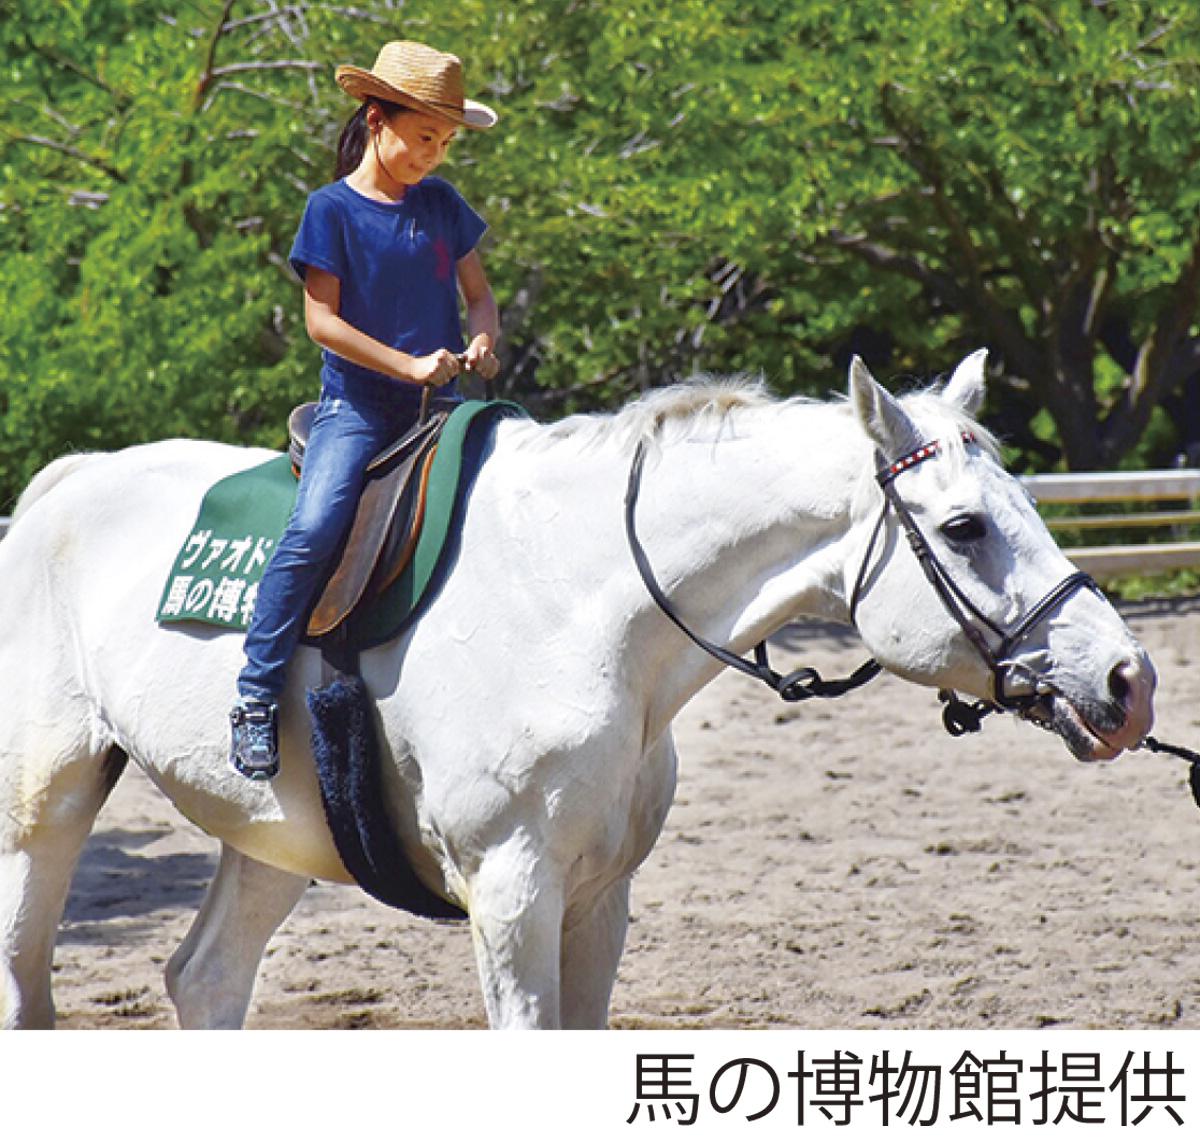 みなとみらいで乗馬体験